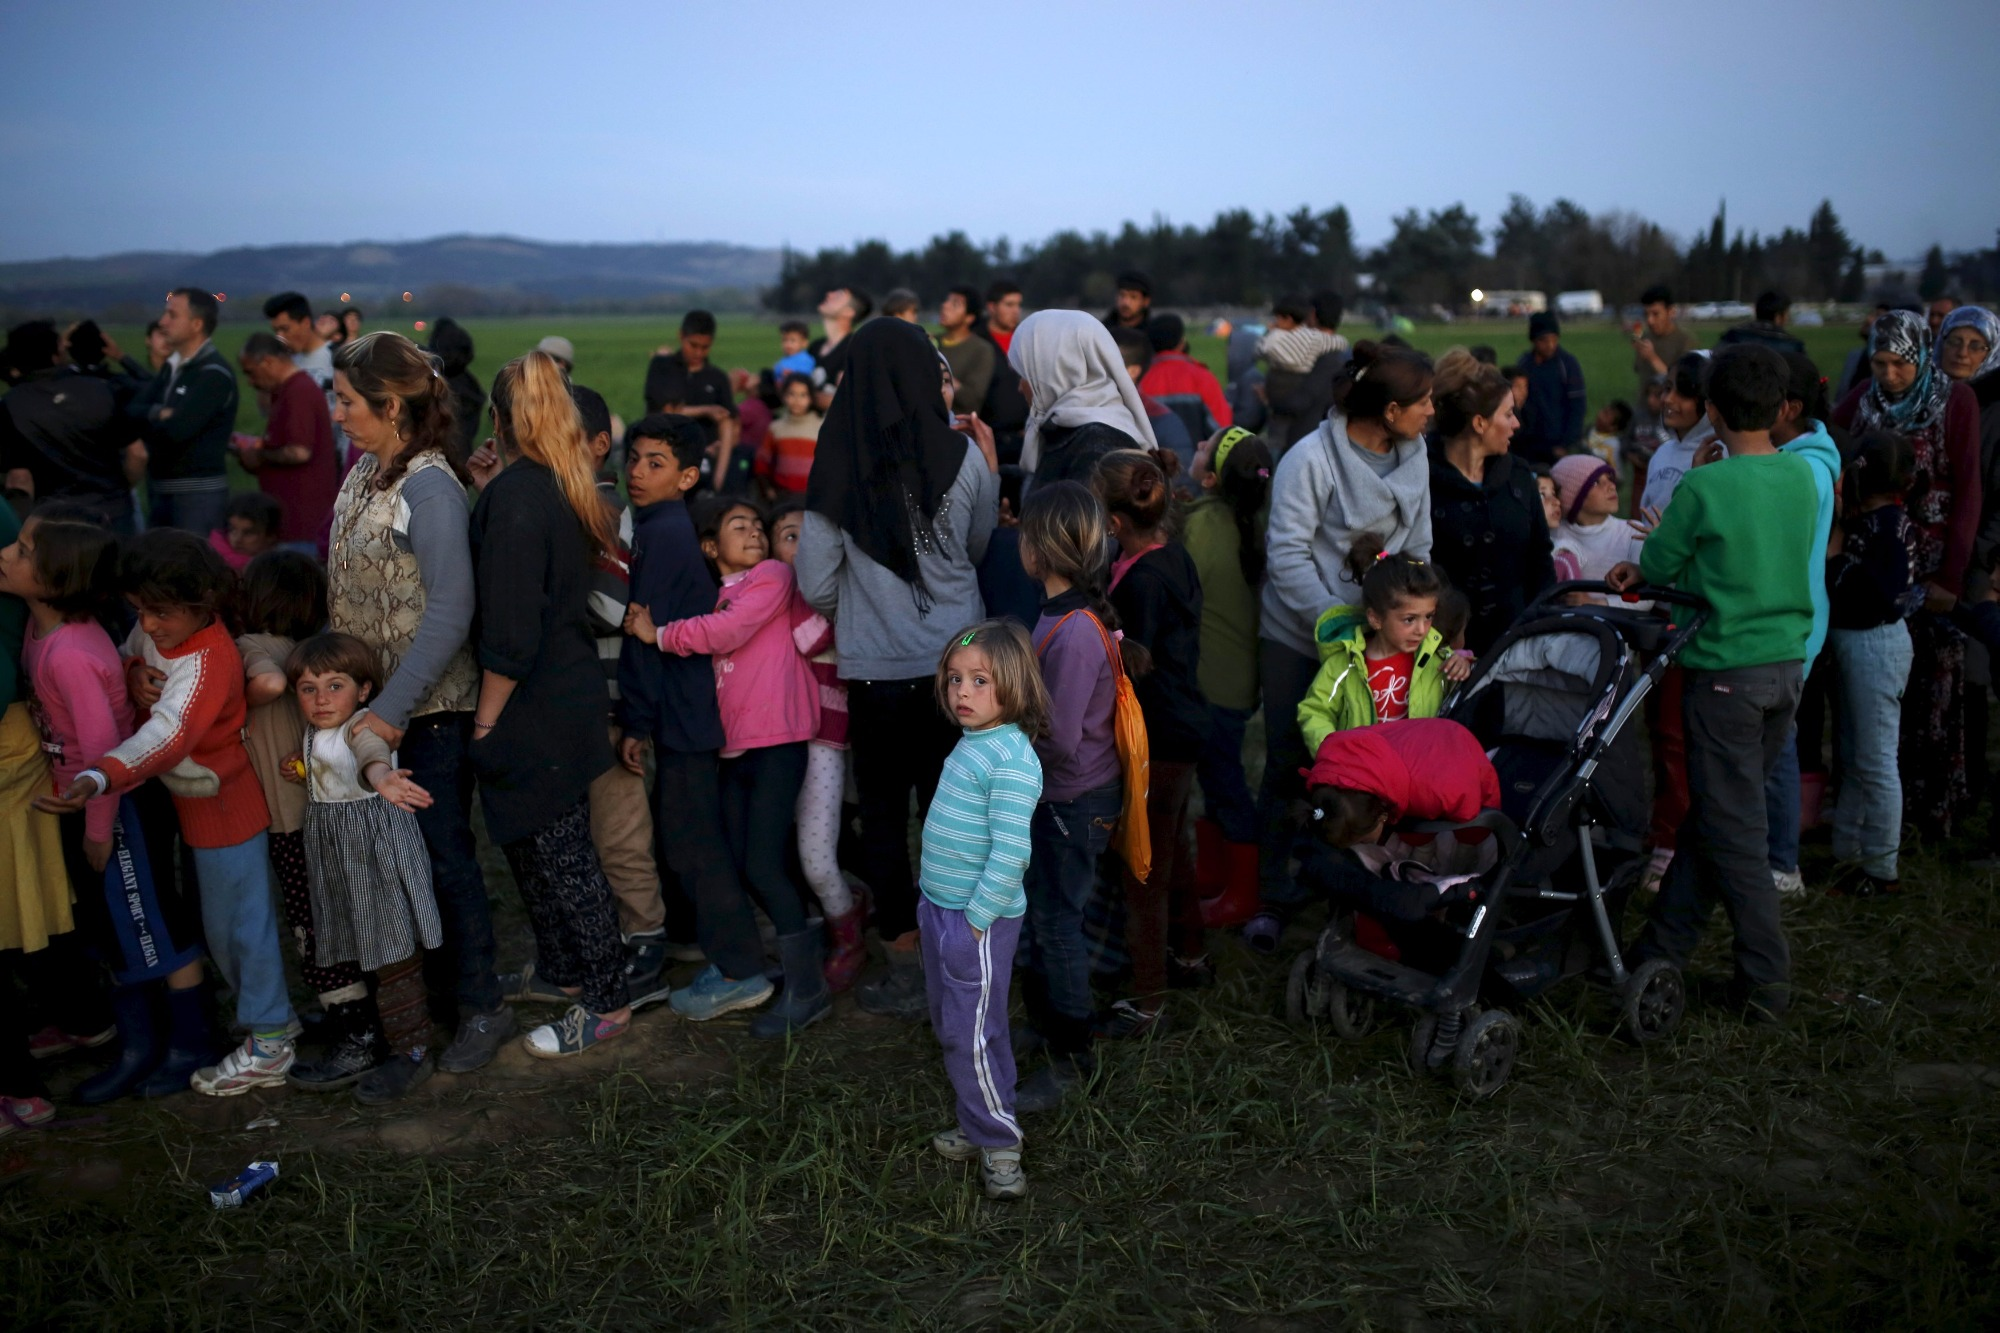 الأورومتوسطي لقادة أوروبا: انتهاكات اليونان ضد طالبي اللجوء فصل مظلم في السياسة الأوروبية